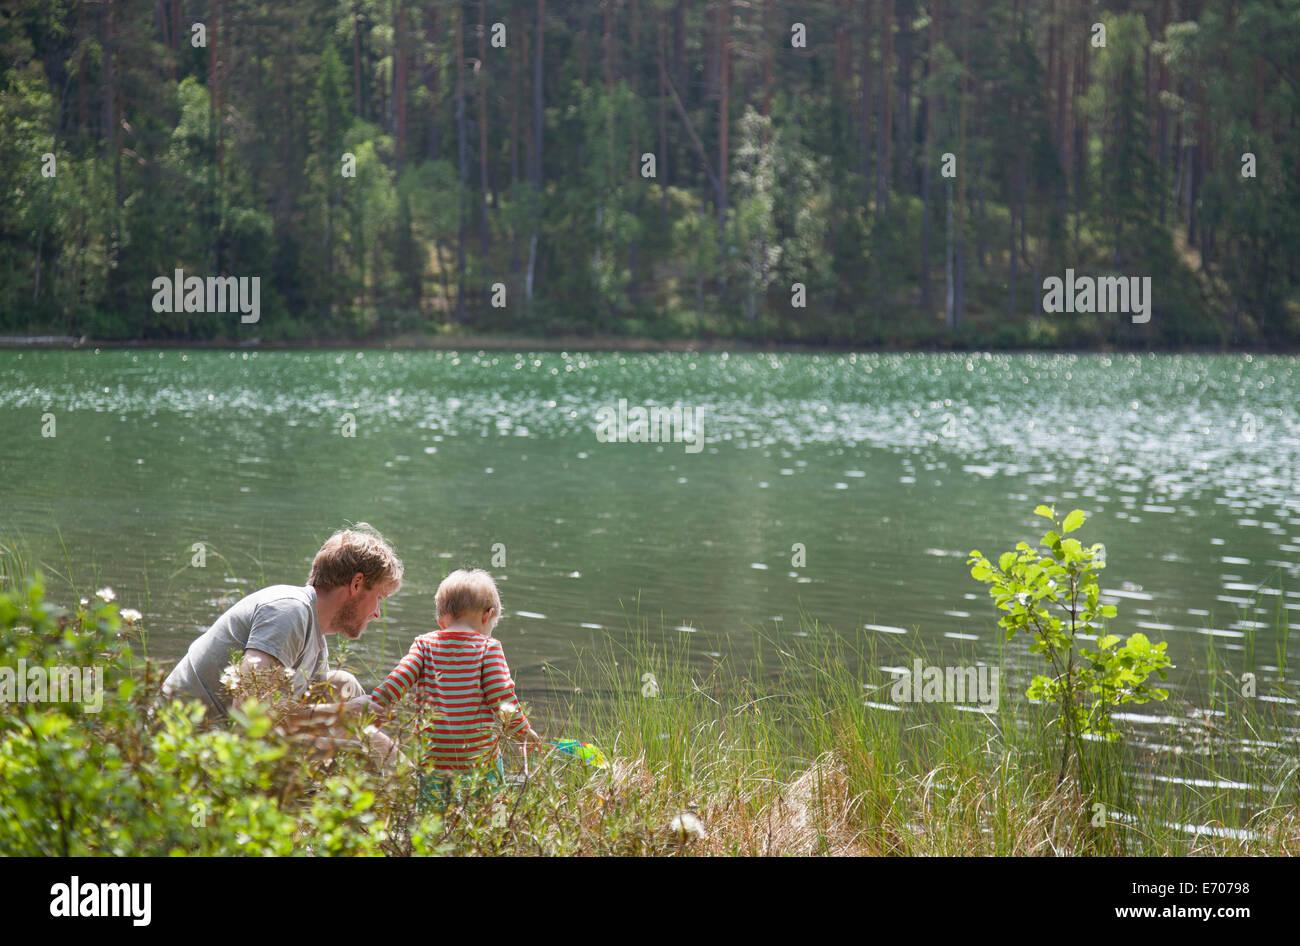 Père et fils à la recherche vers le bas dans le lac, Somerniemi, Finlande Banque D'Images